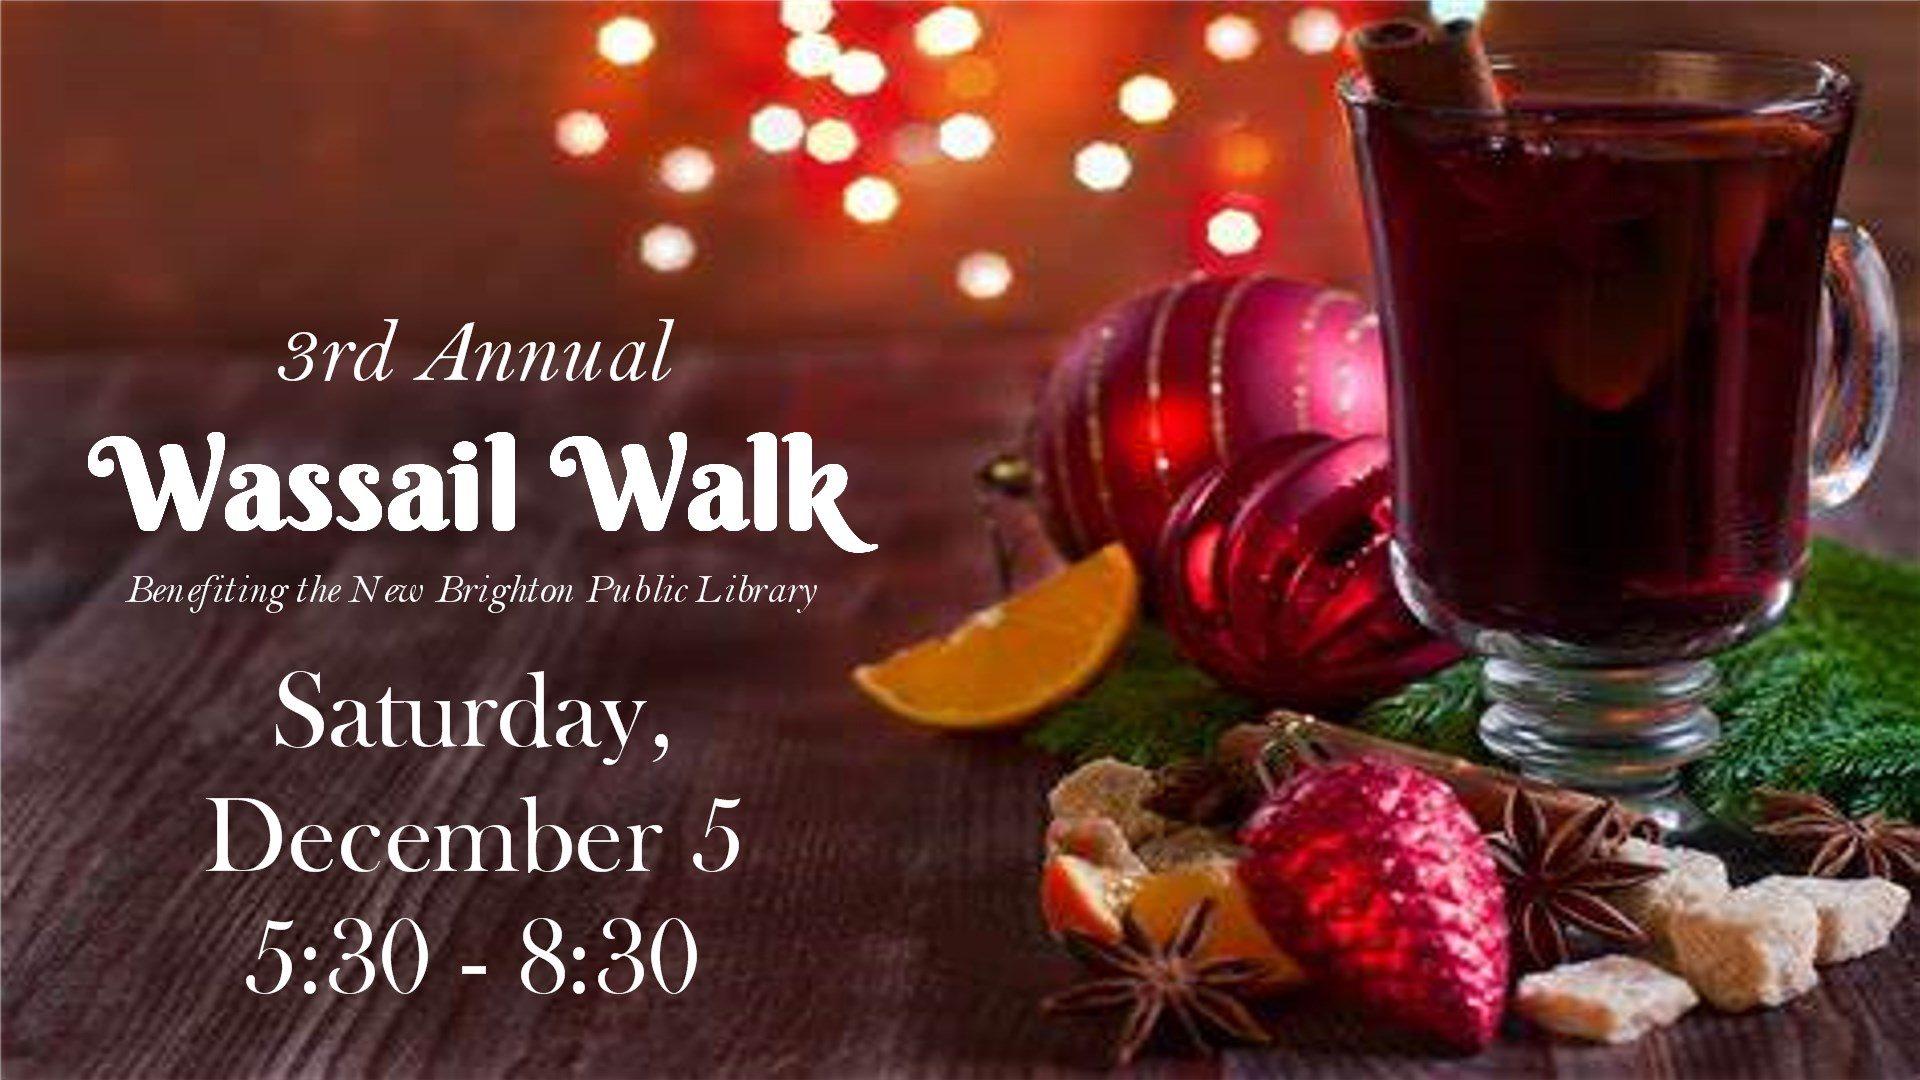 3rd Annual Wassail Walk